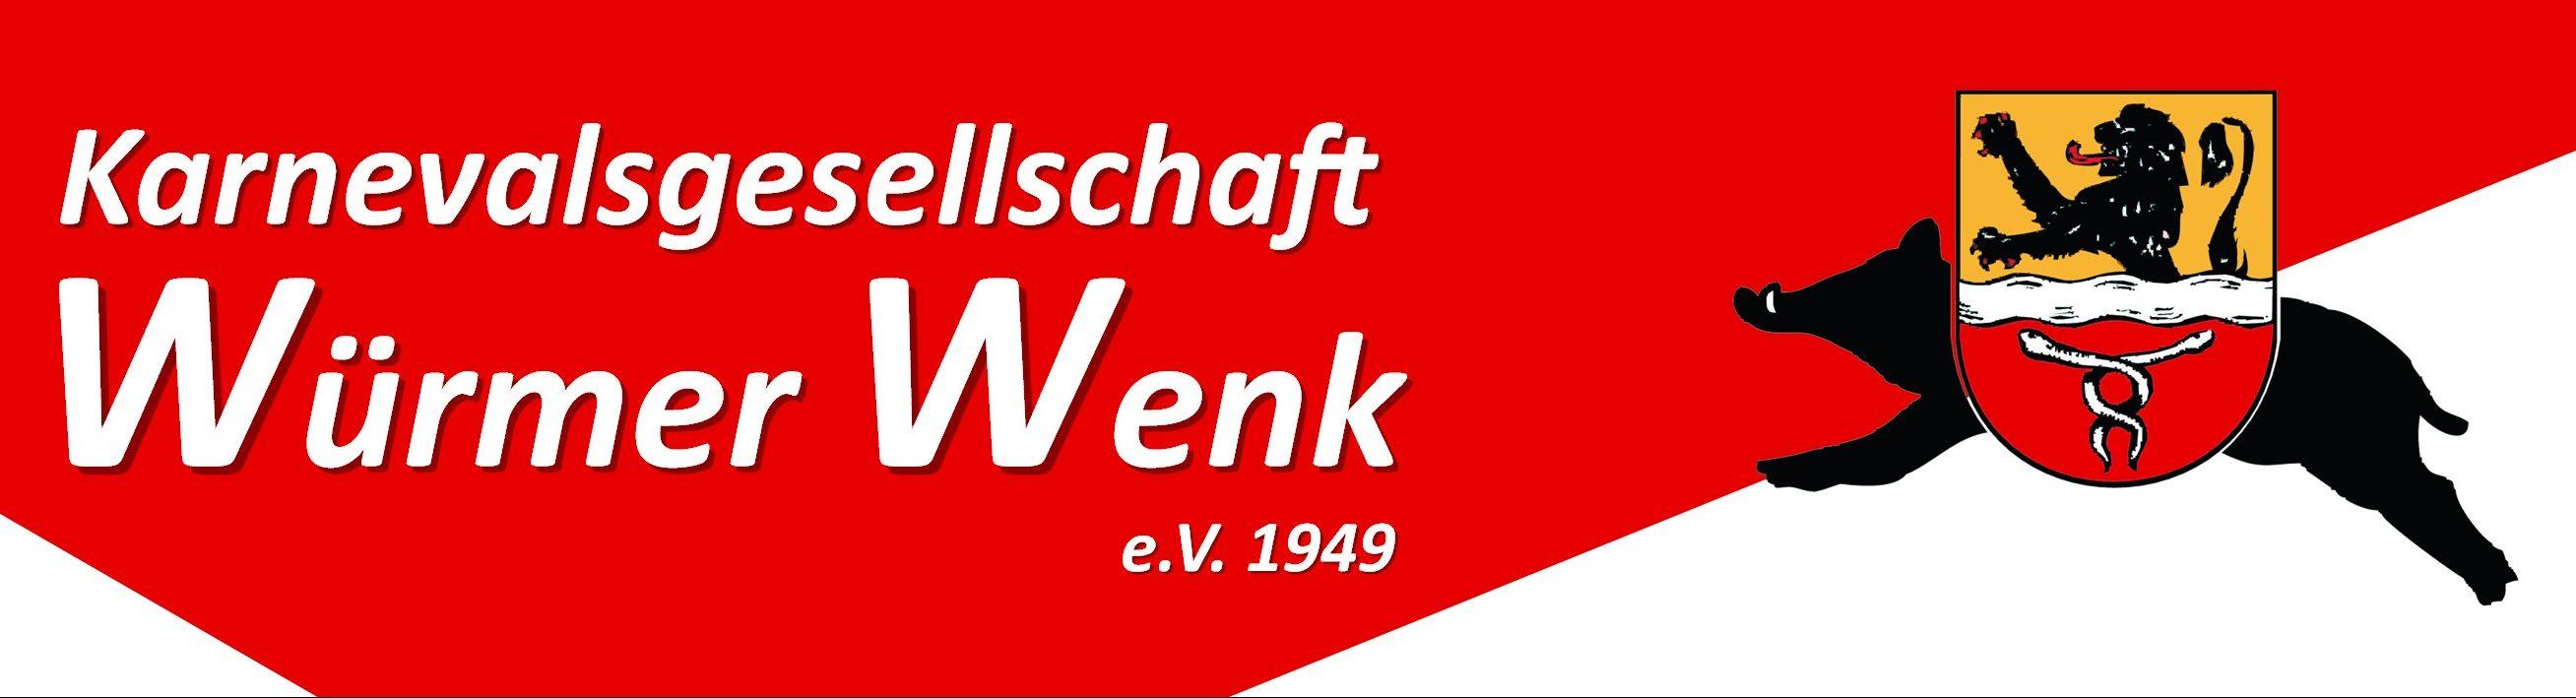 """KG """"Würmer Wenk"""" e.V. 1949"""